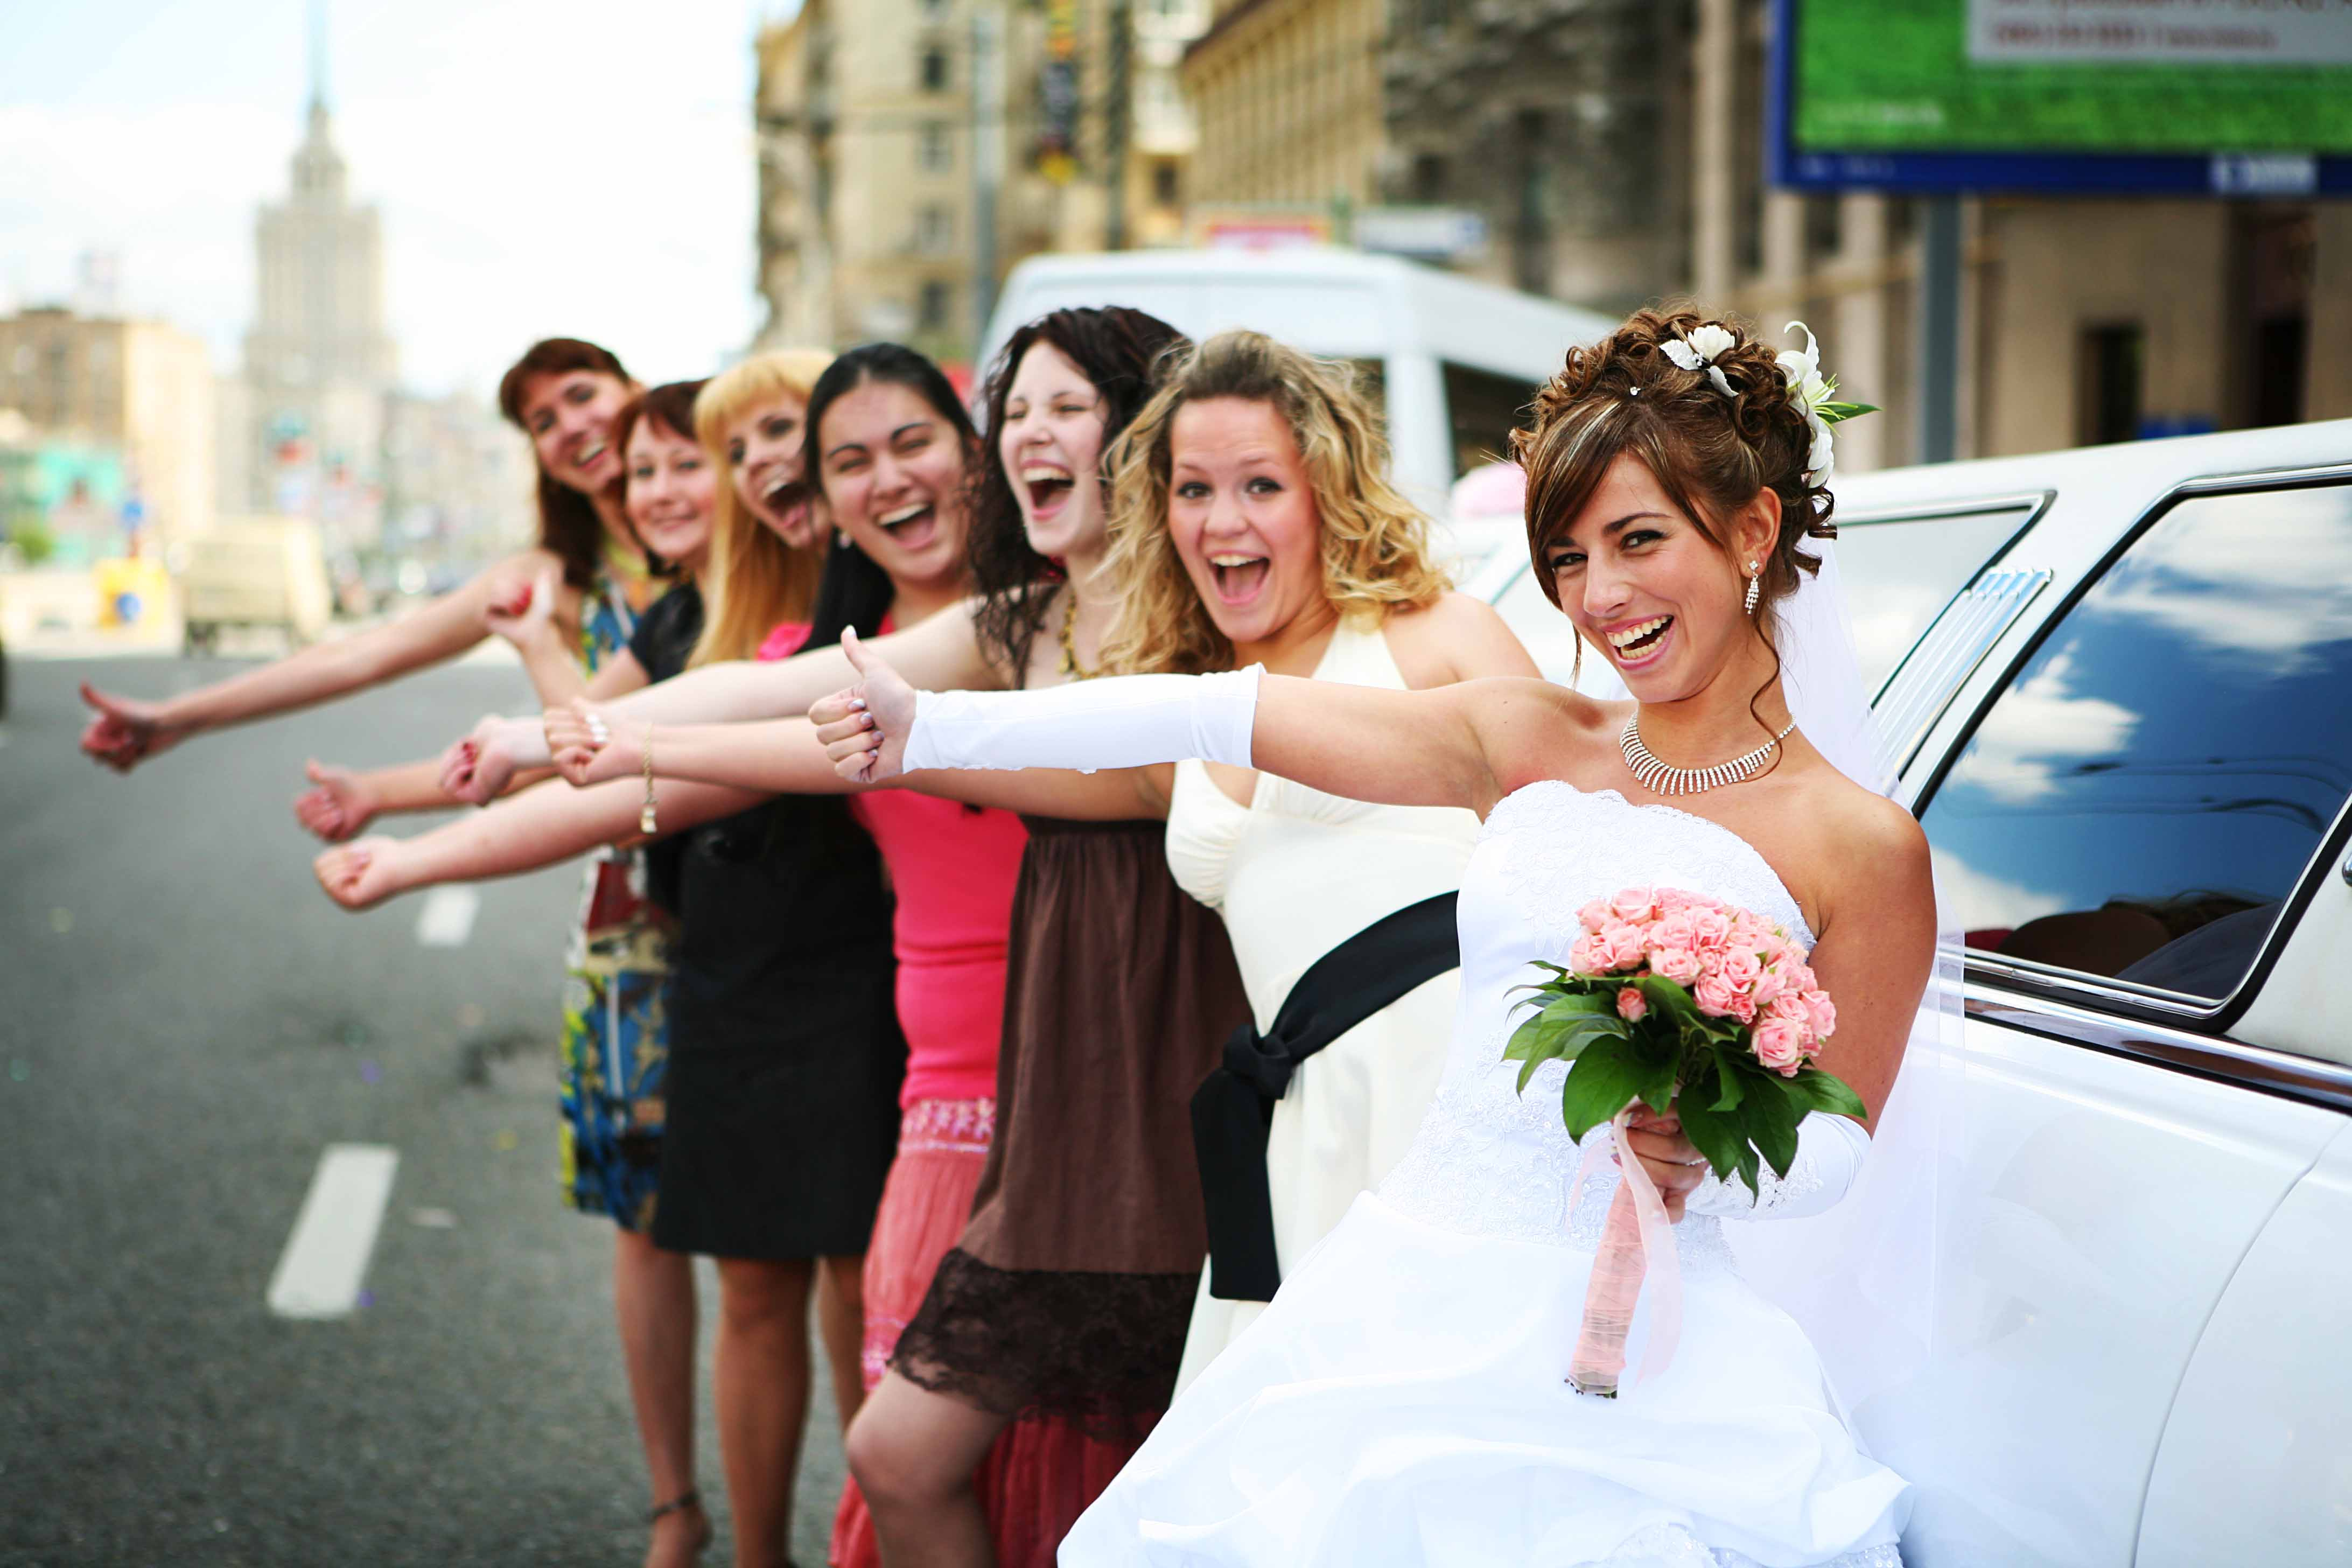 Ххх девишник перед свадьбой 7 фотография